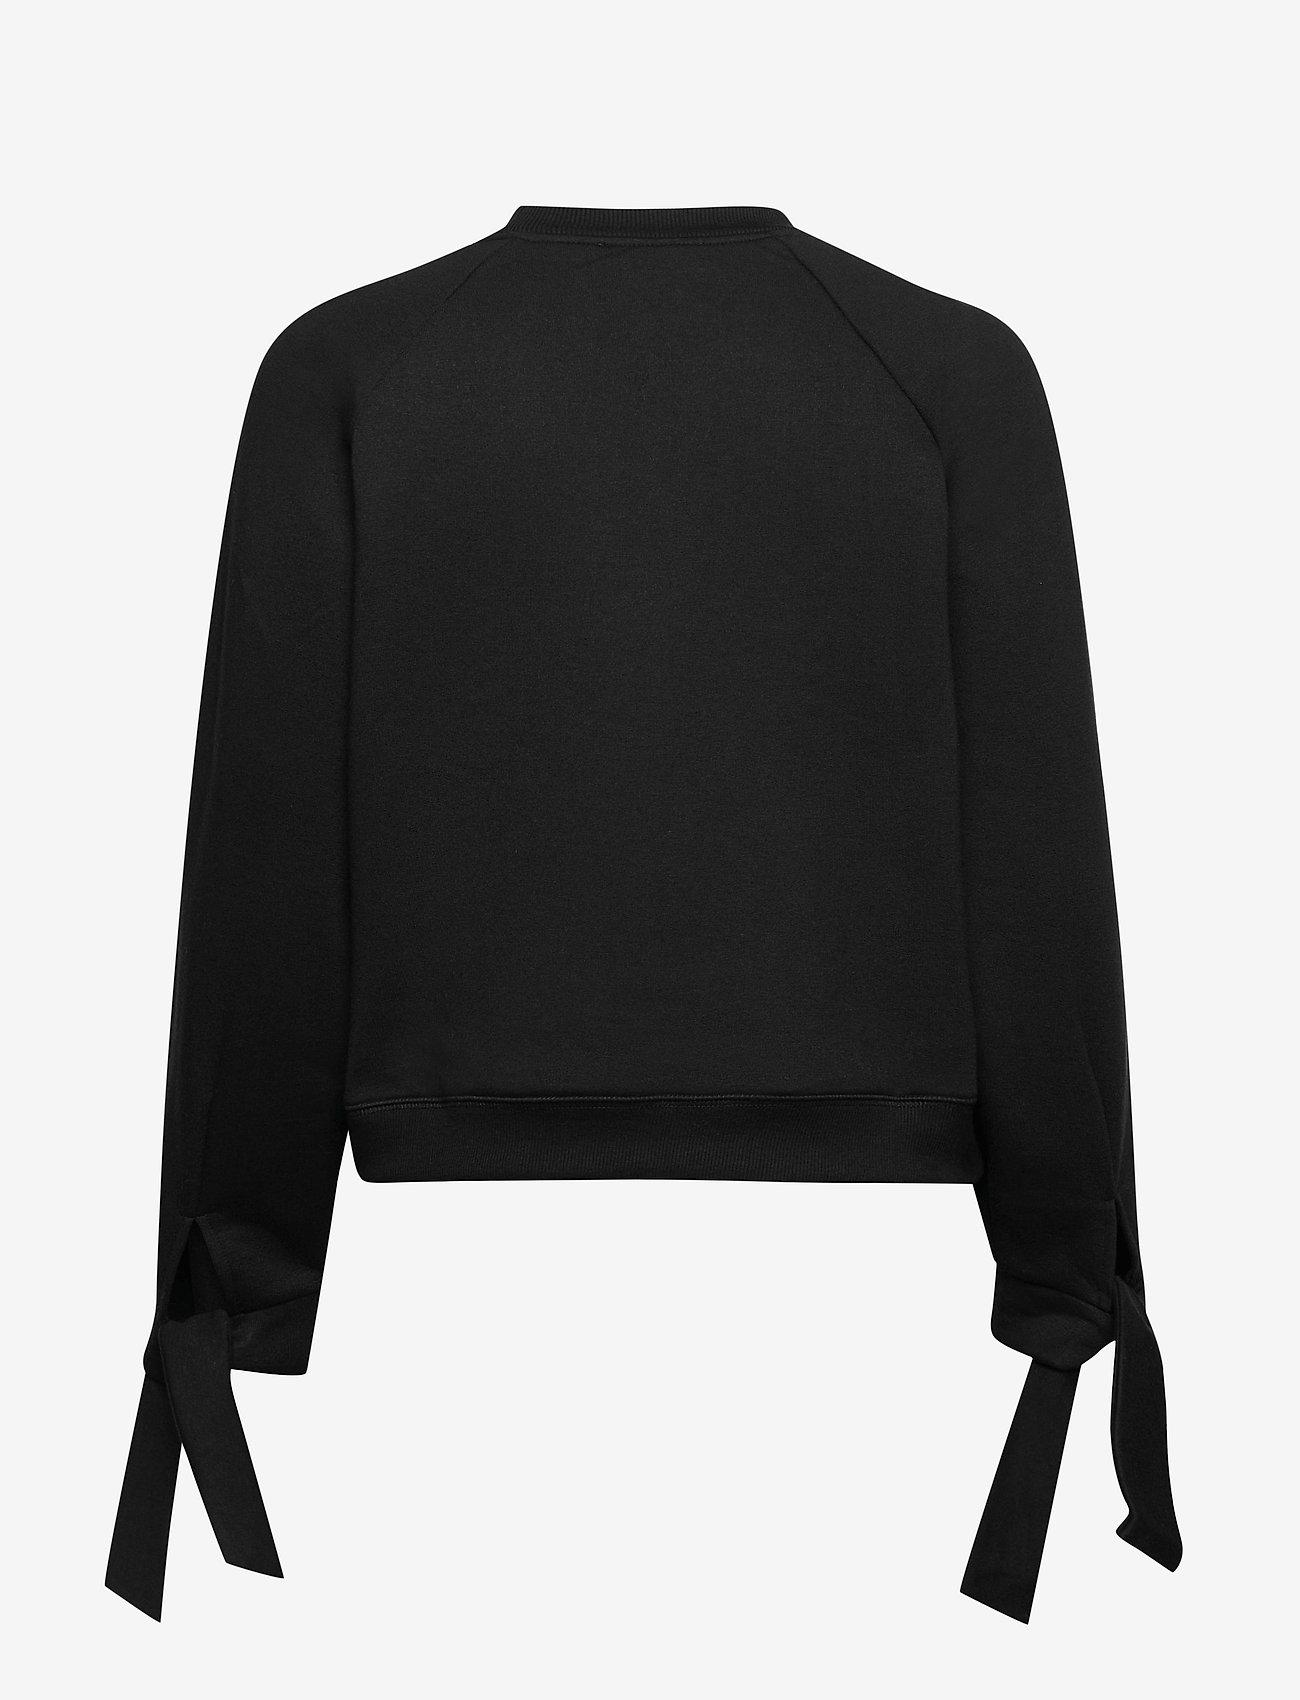 RODEBJER - RODEBJER ZORINA - sweatshirts & hættetrøjer - black - 1